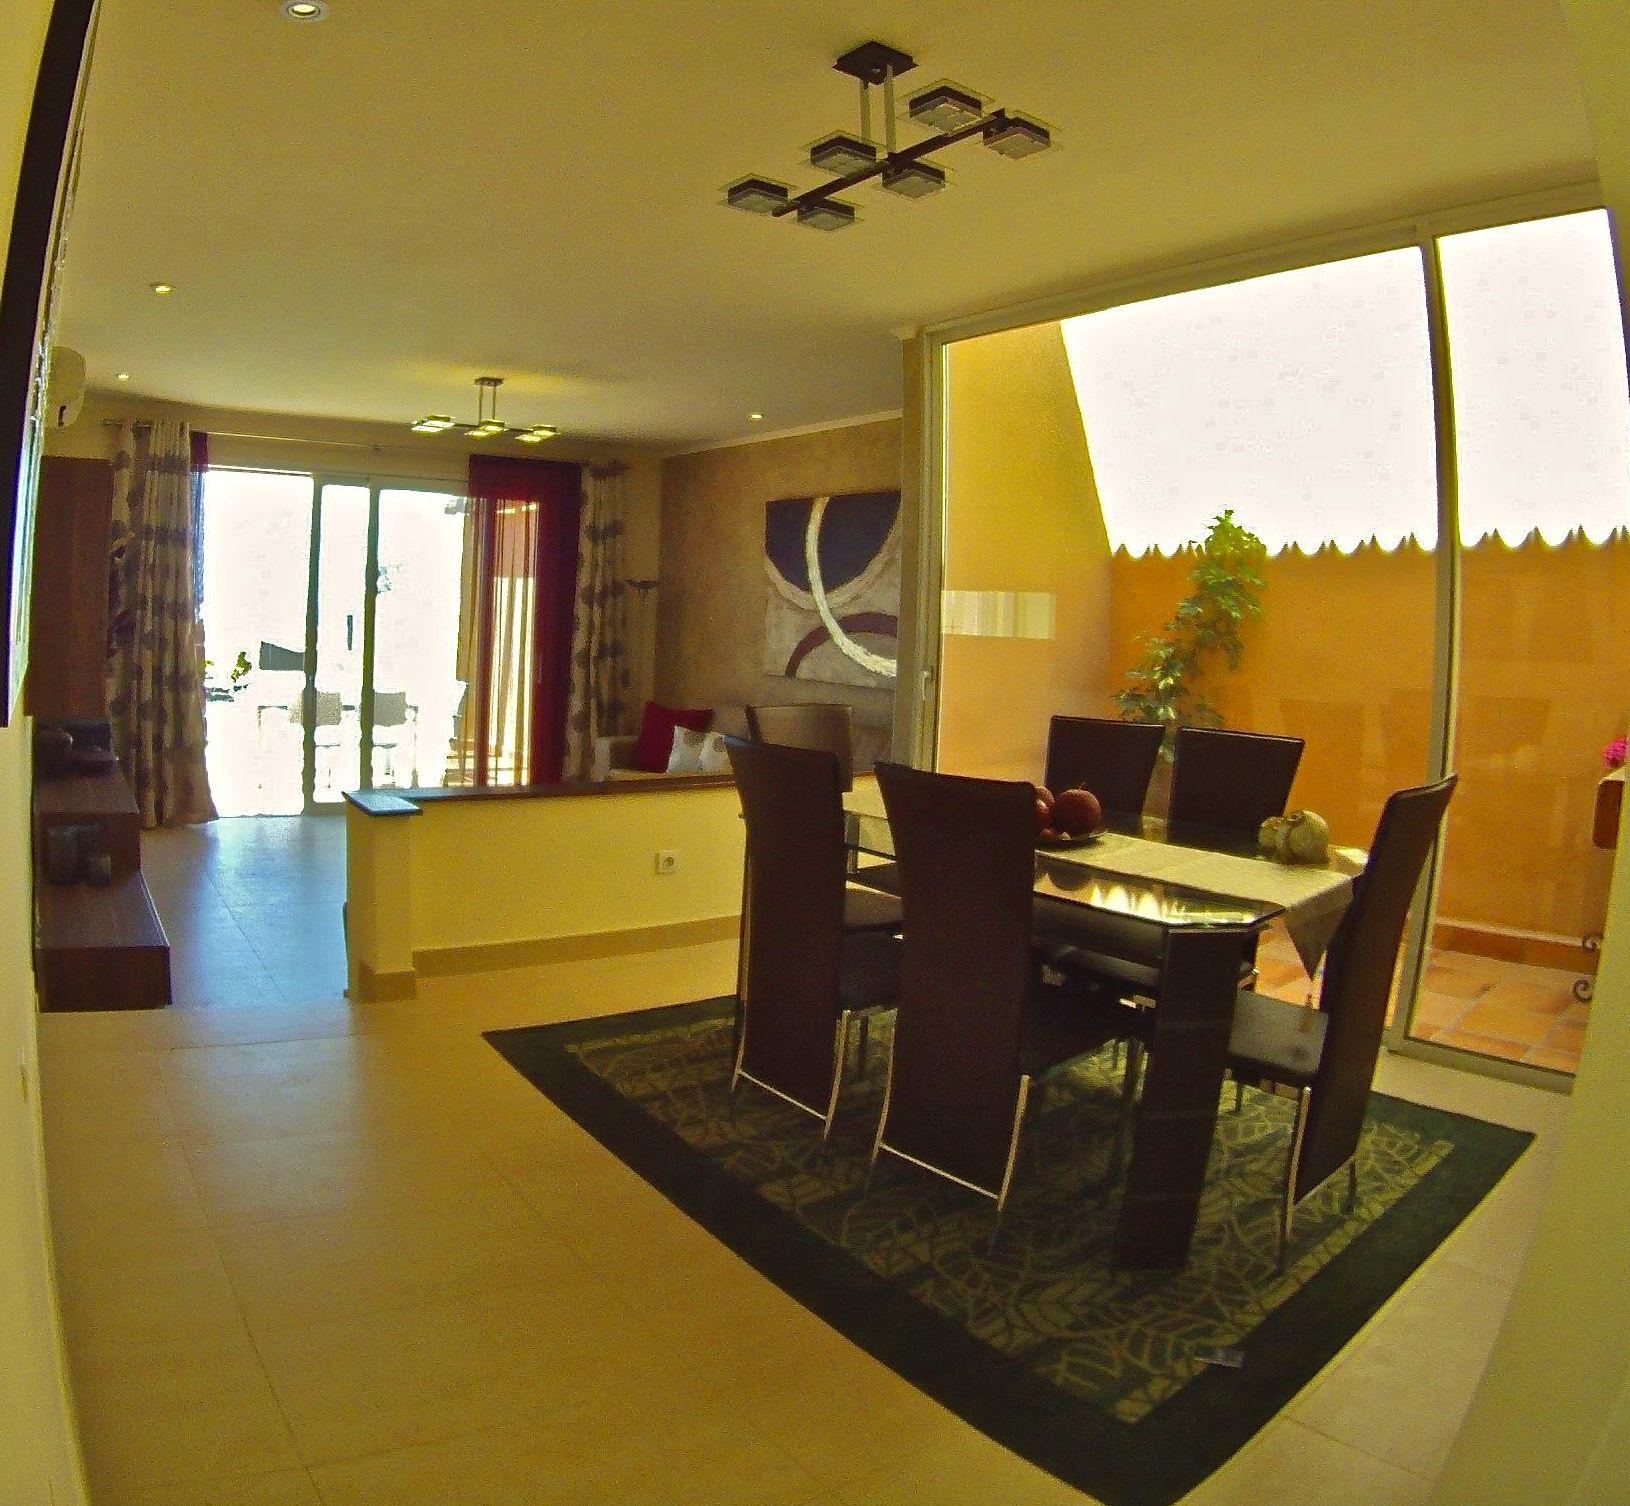 Foto 3 de Inmobiliaria en Adeje | Tierra Del Fuego Developments S.L.